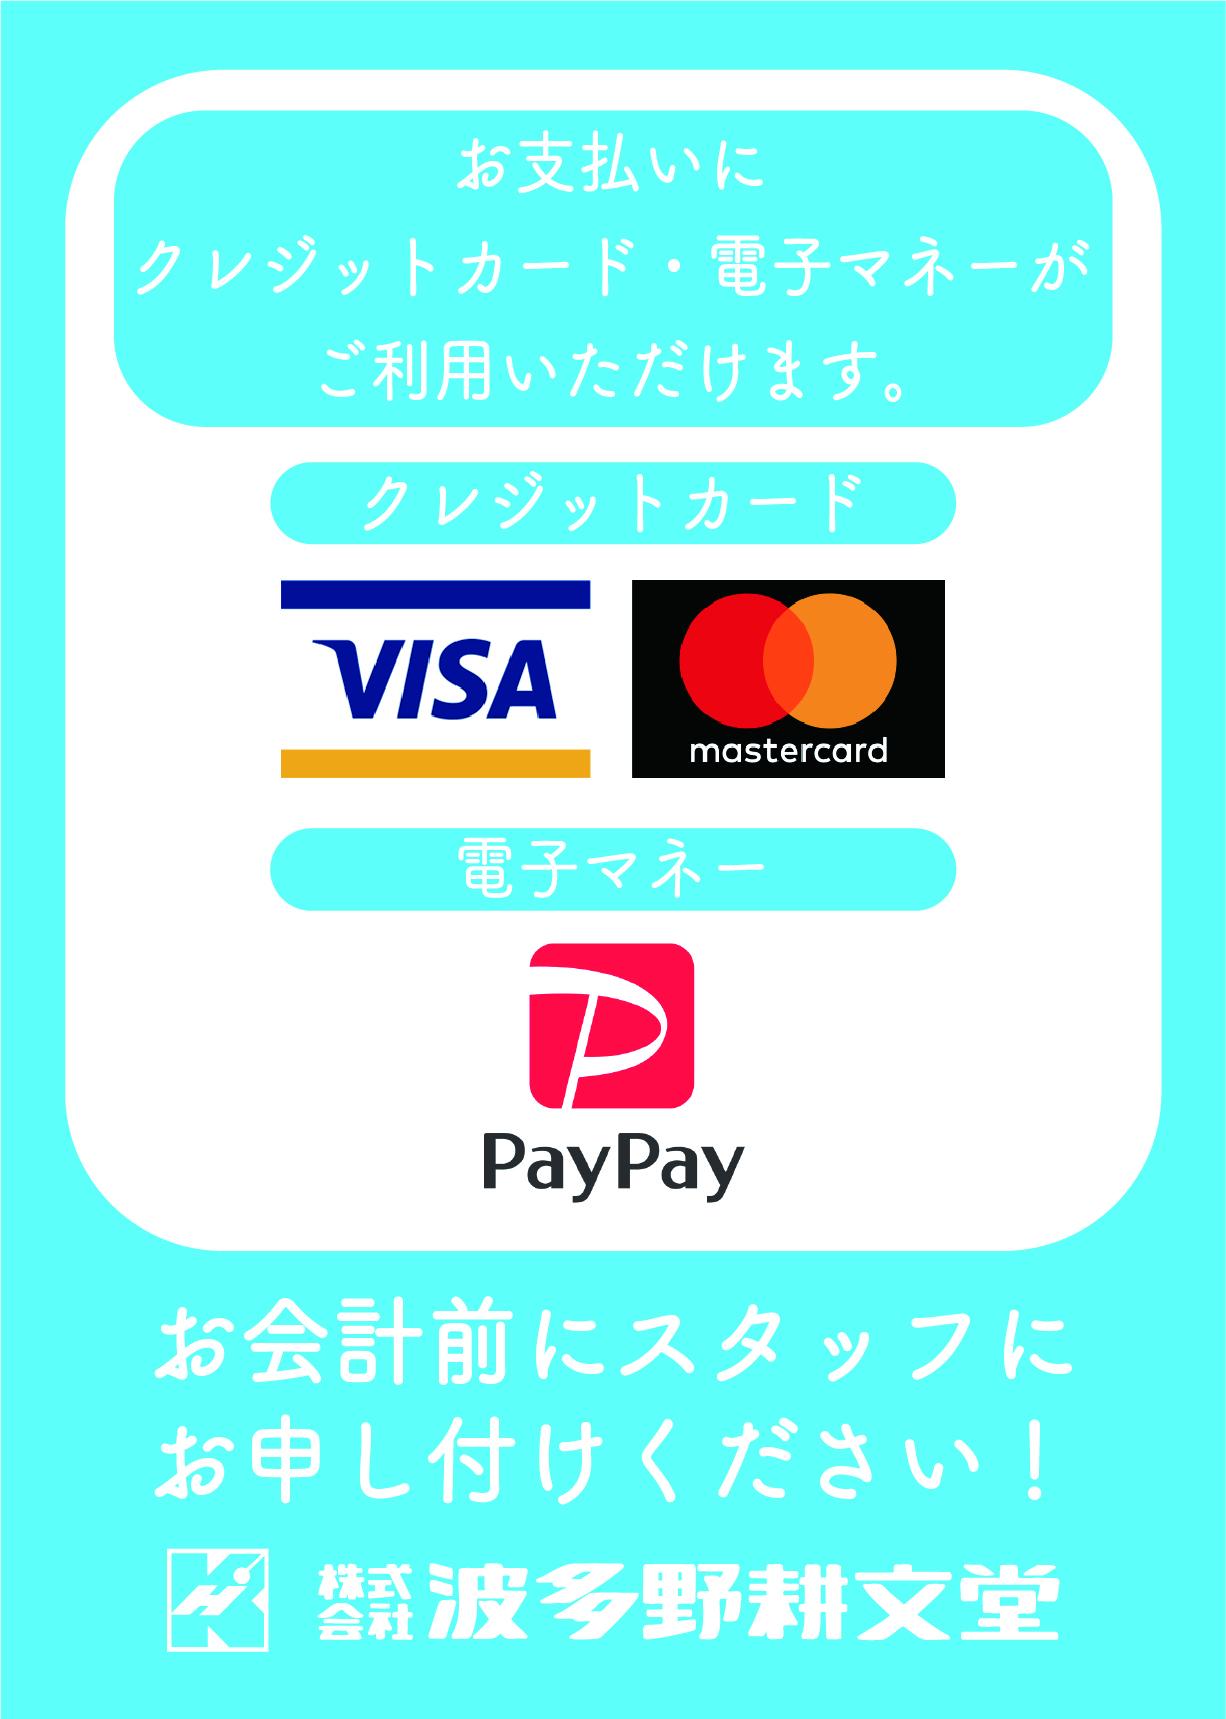 クレジットカード使用解禁お知らせ@2x-100